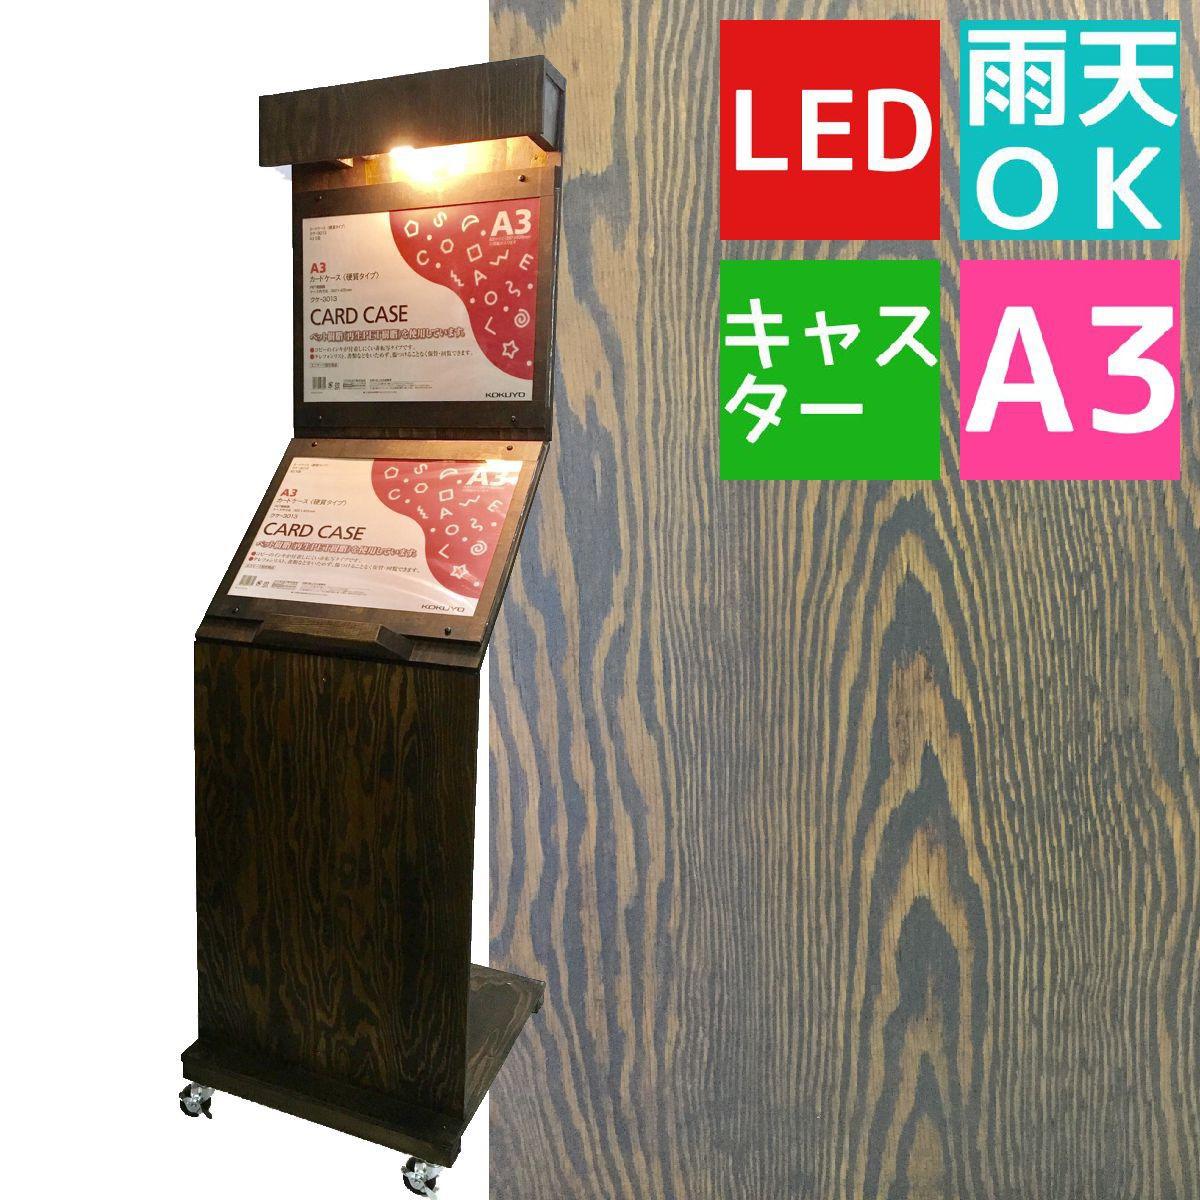 屋外用 LED電球専用 A3×2枚 木製オリジナルメニュースタンドS型 キャスター付き オーク